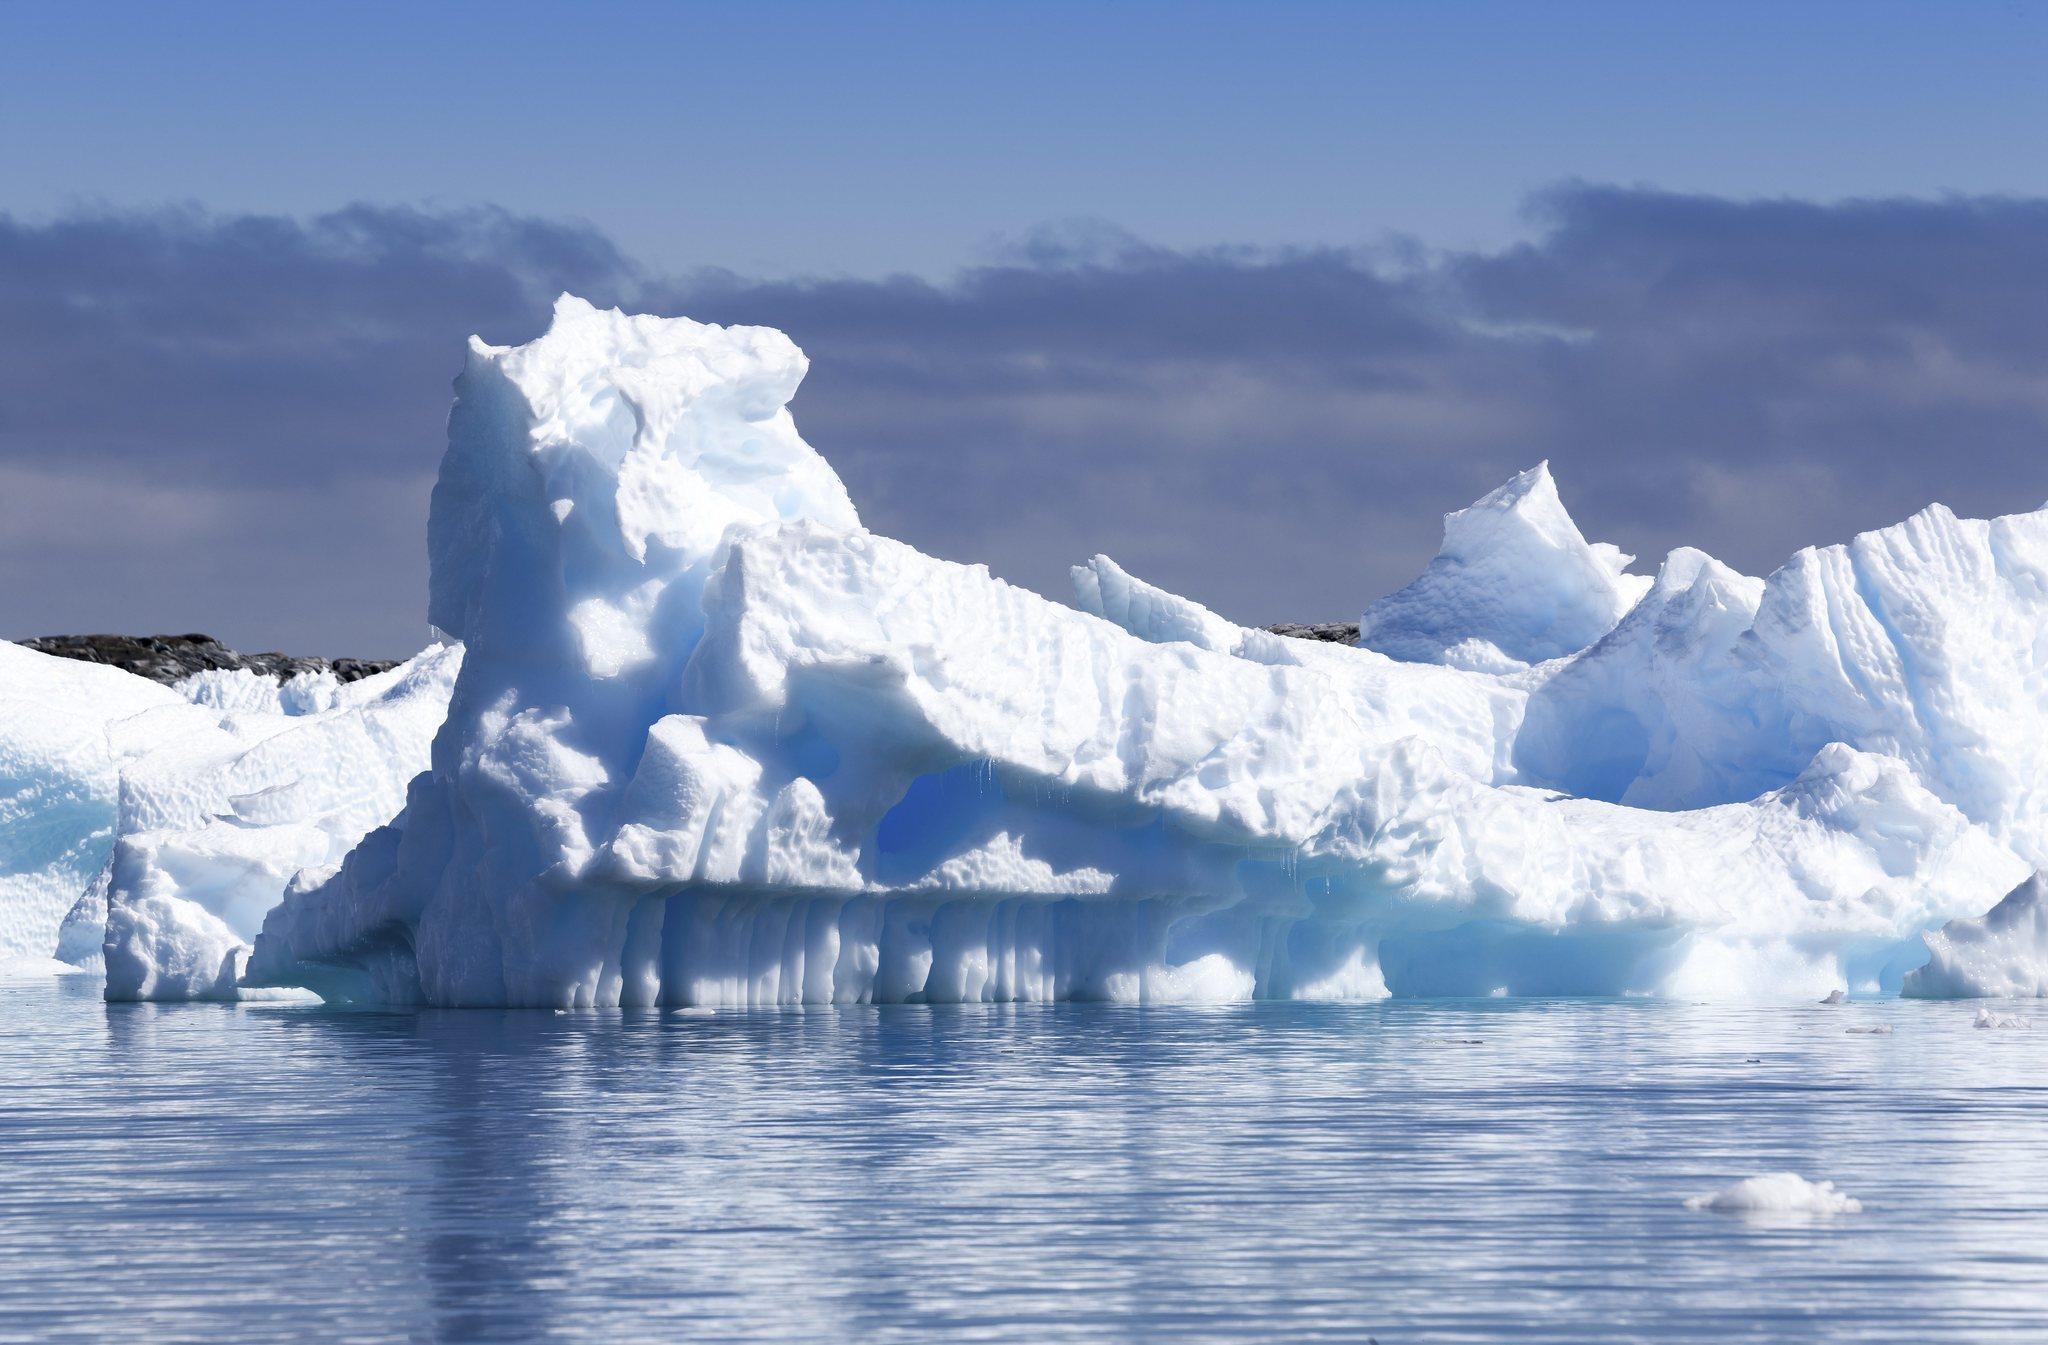 El planeta tierra vuelve a experimentar las temperaturas más altas